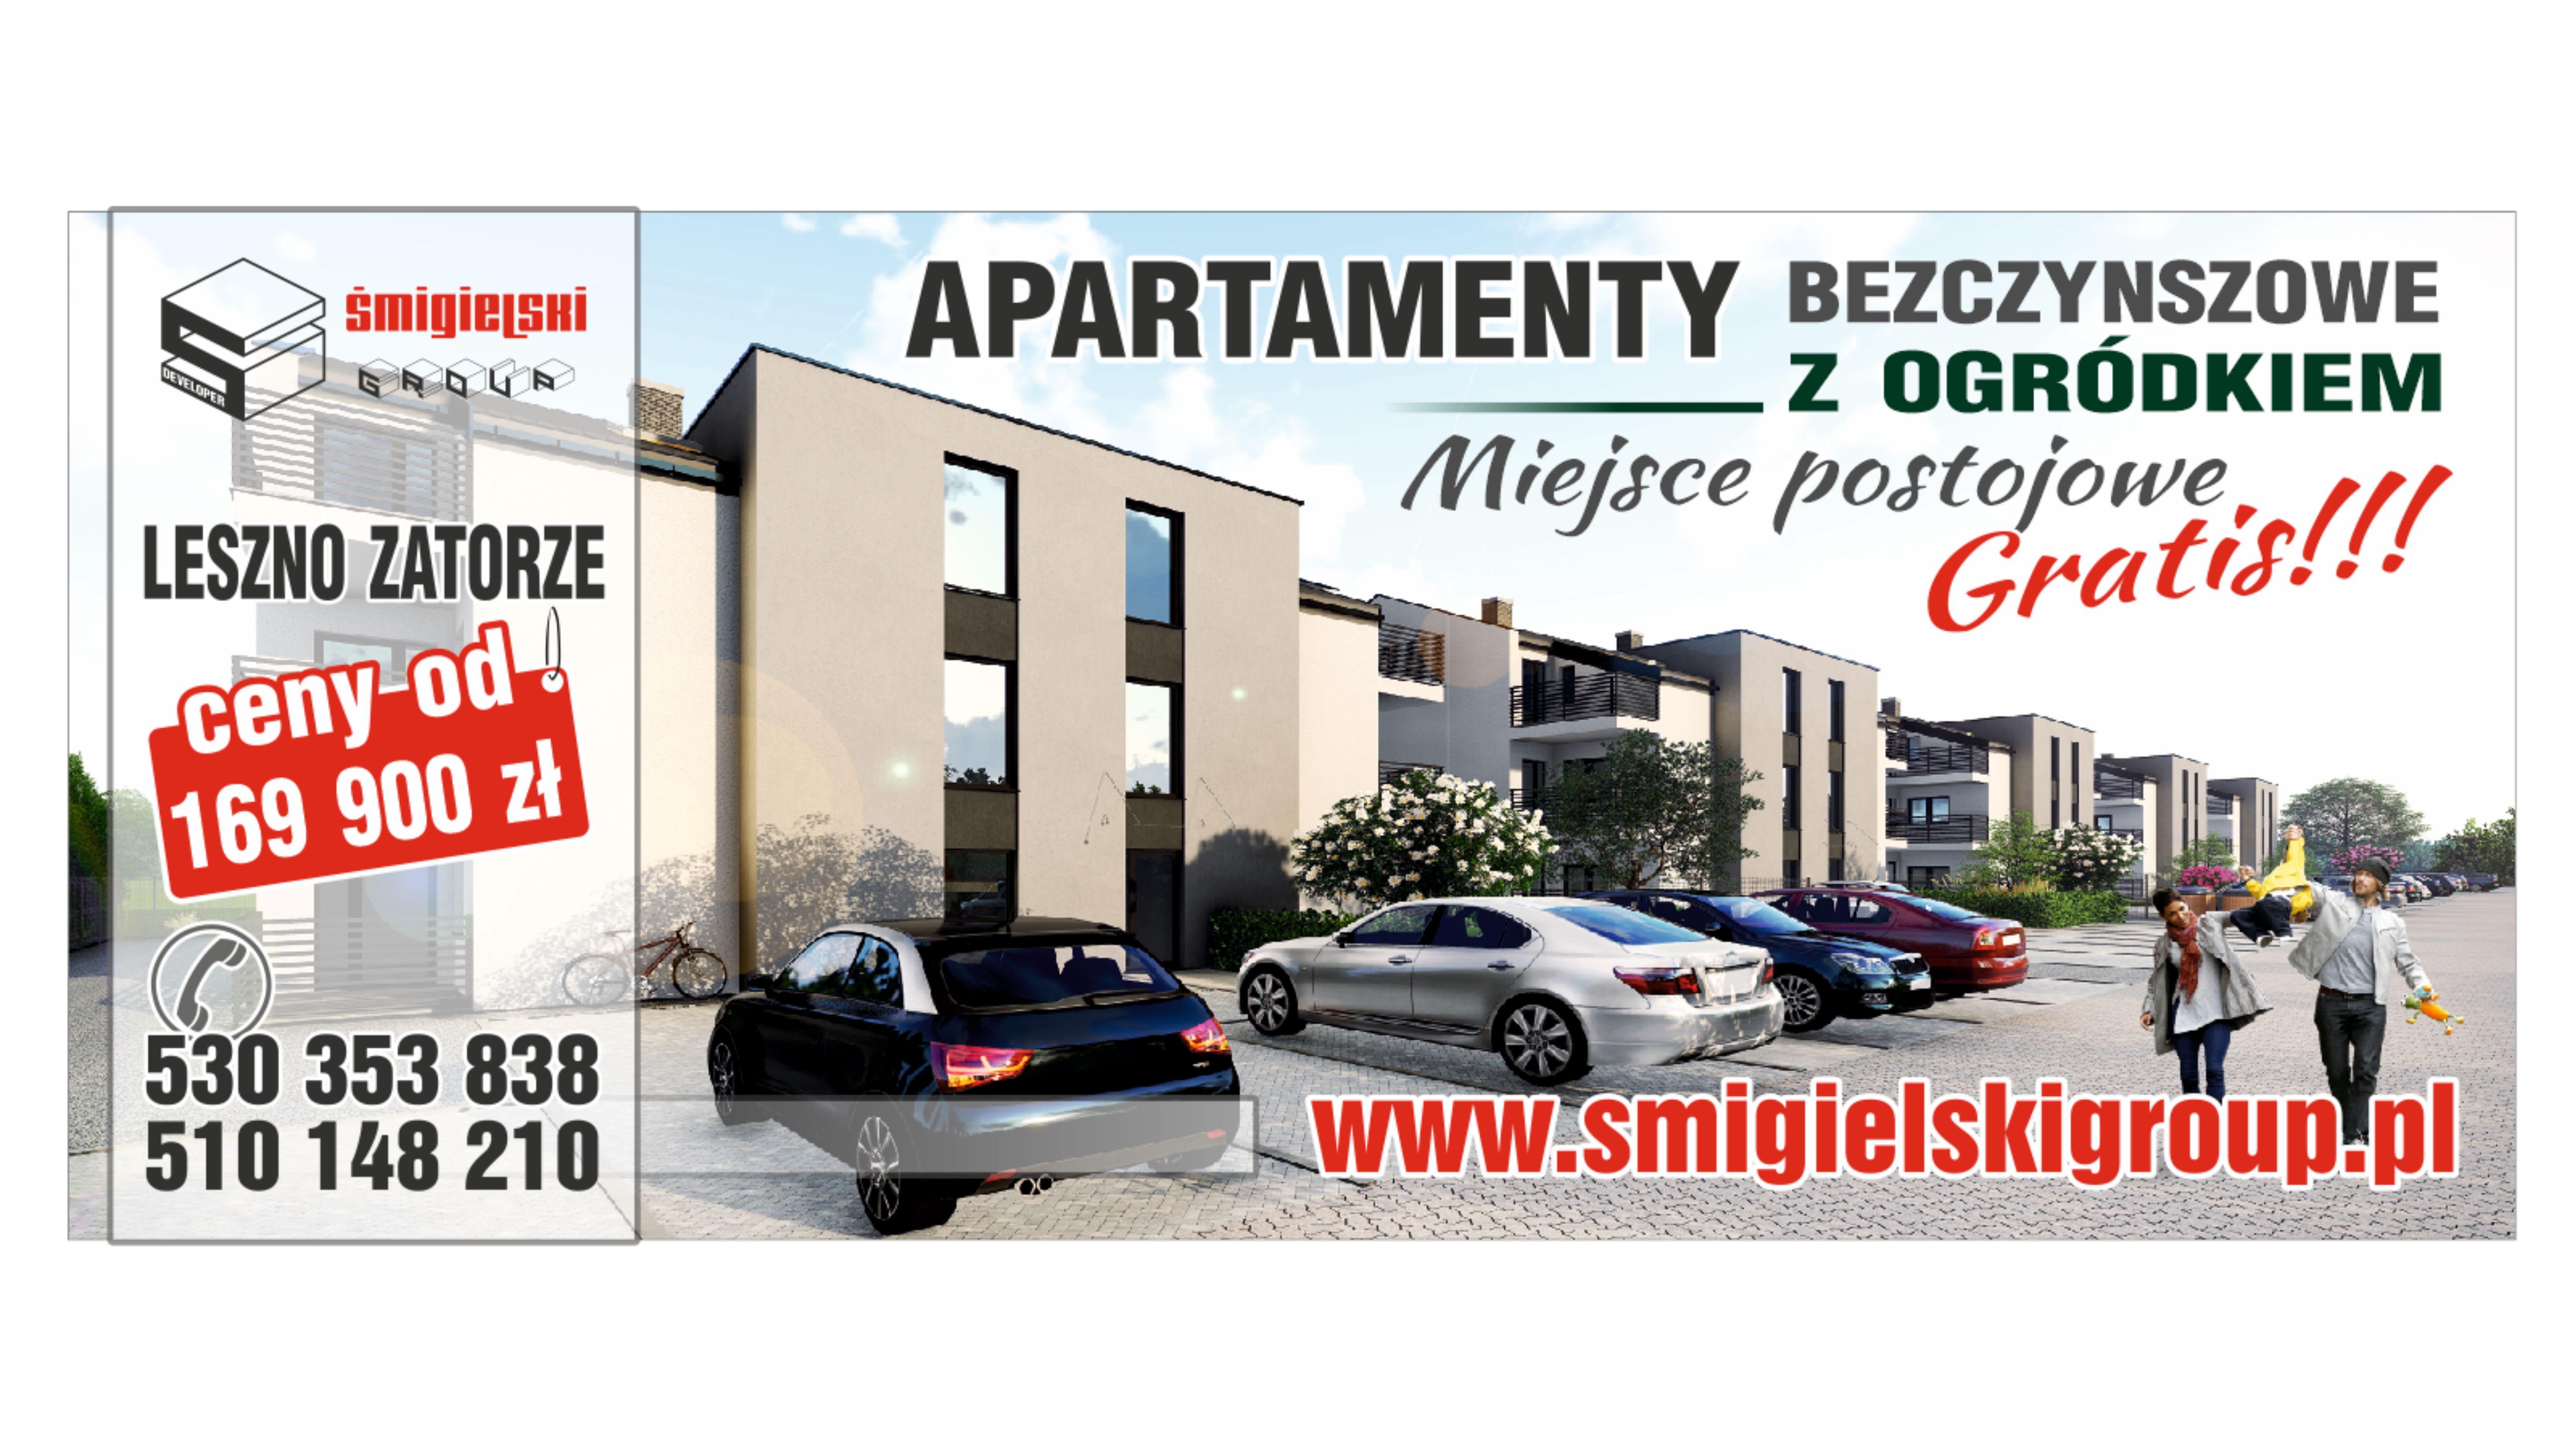 Apartamenty bezczynszowe z ogródkiem- miejsce postojowe gratis !!!